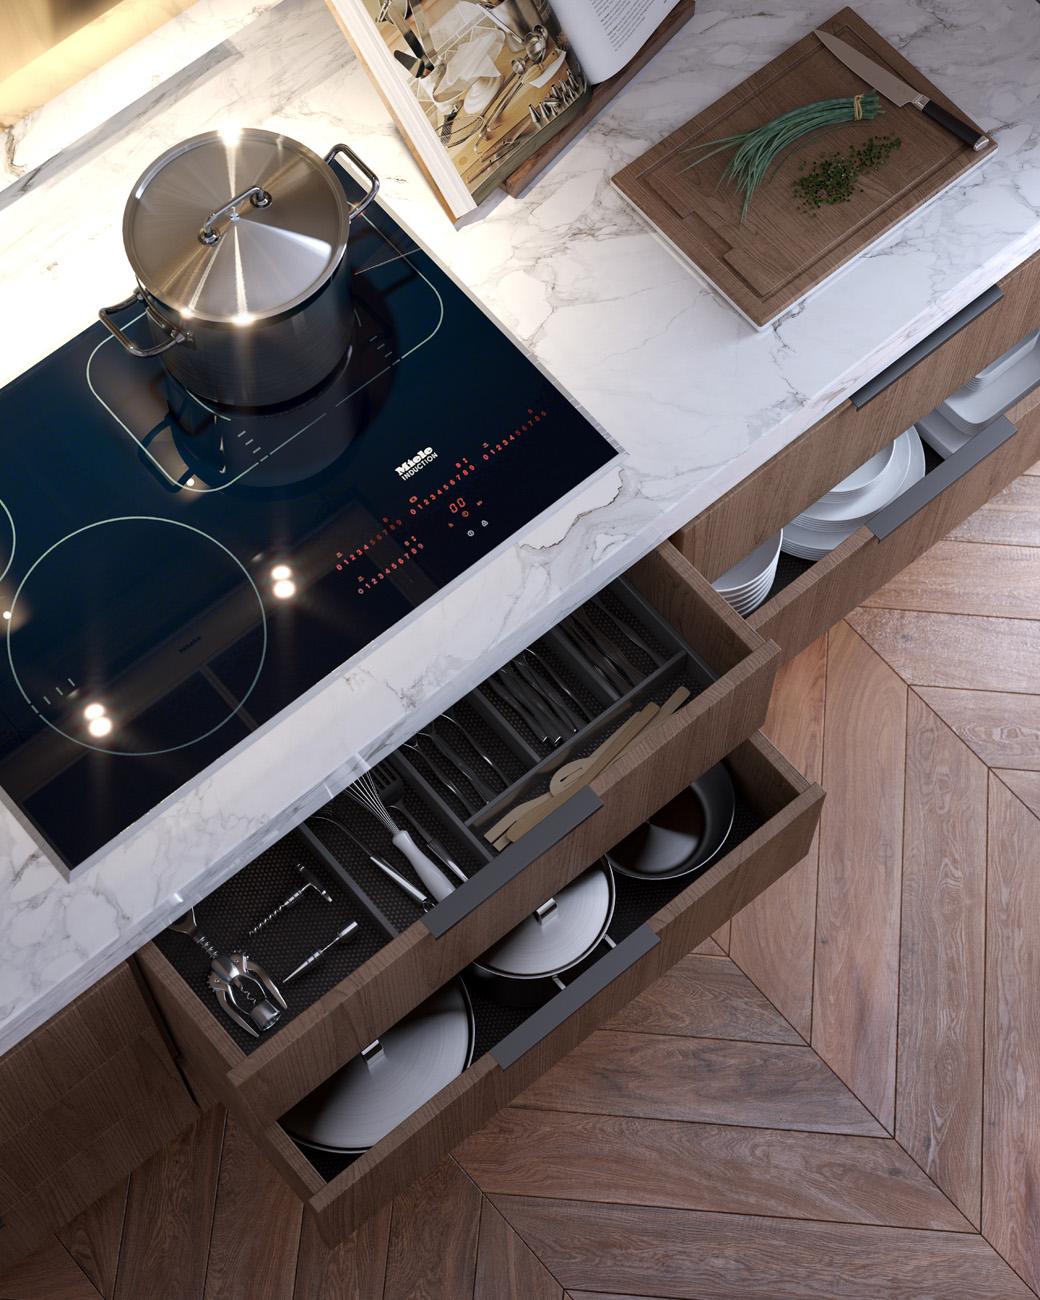 Yarra-One-building-3d-image-visualisation-melbourne-FKD-Studio-living-kitchen